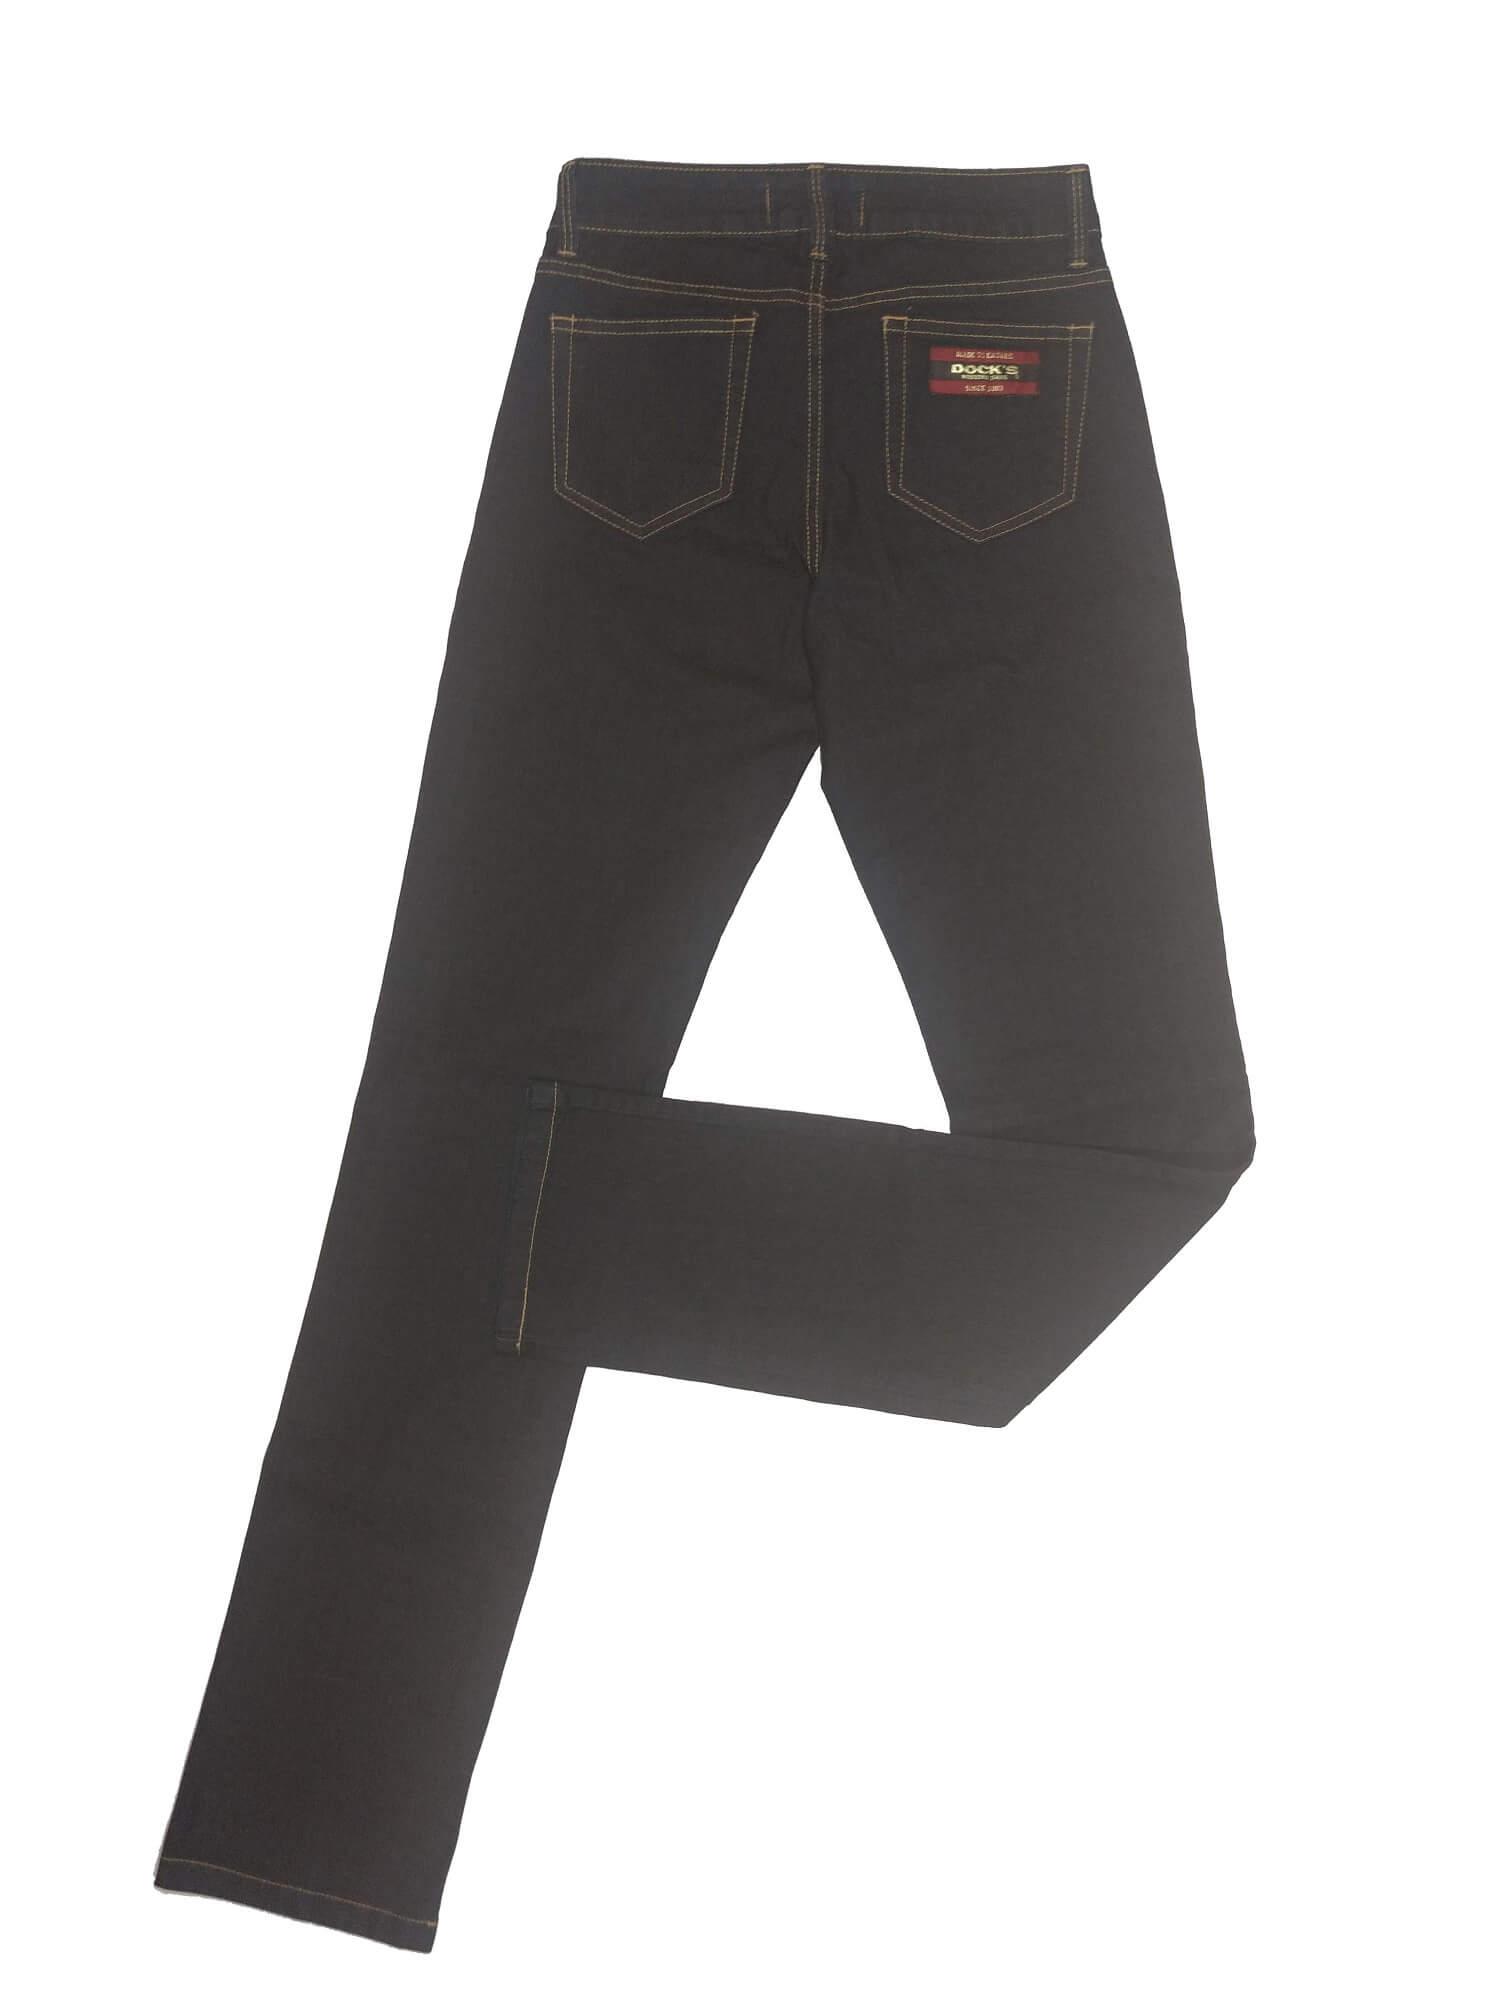 Calça Feminina Dock's Hot Pants Ref. 002.1334.101